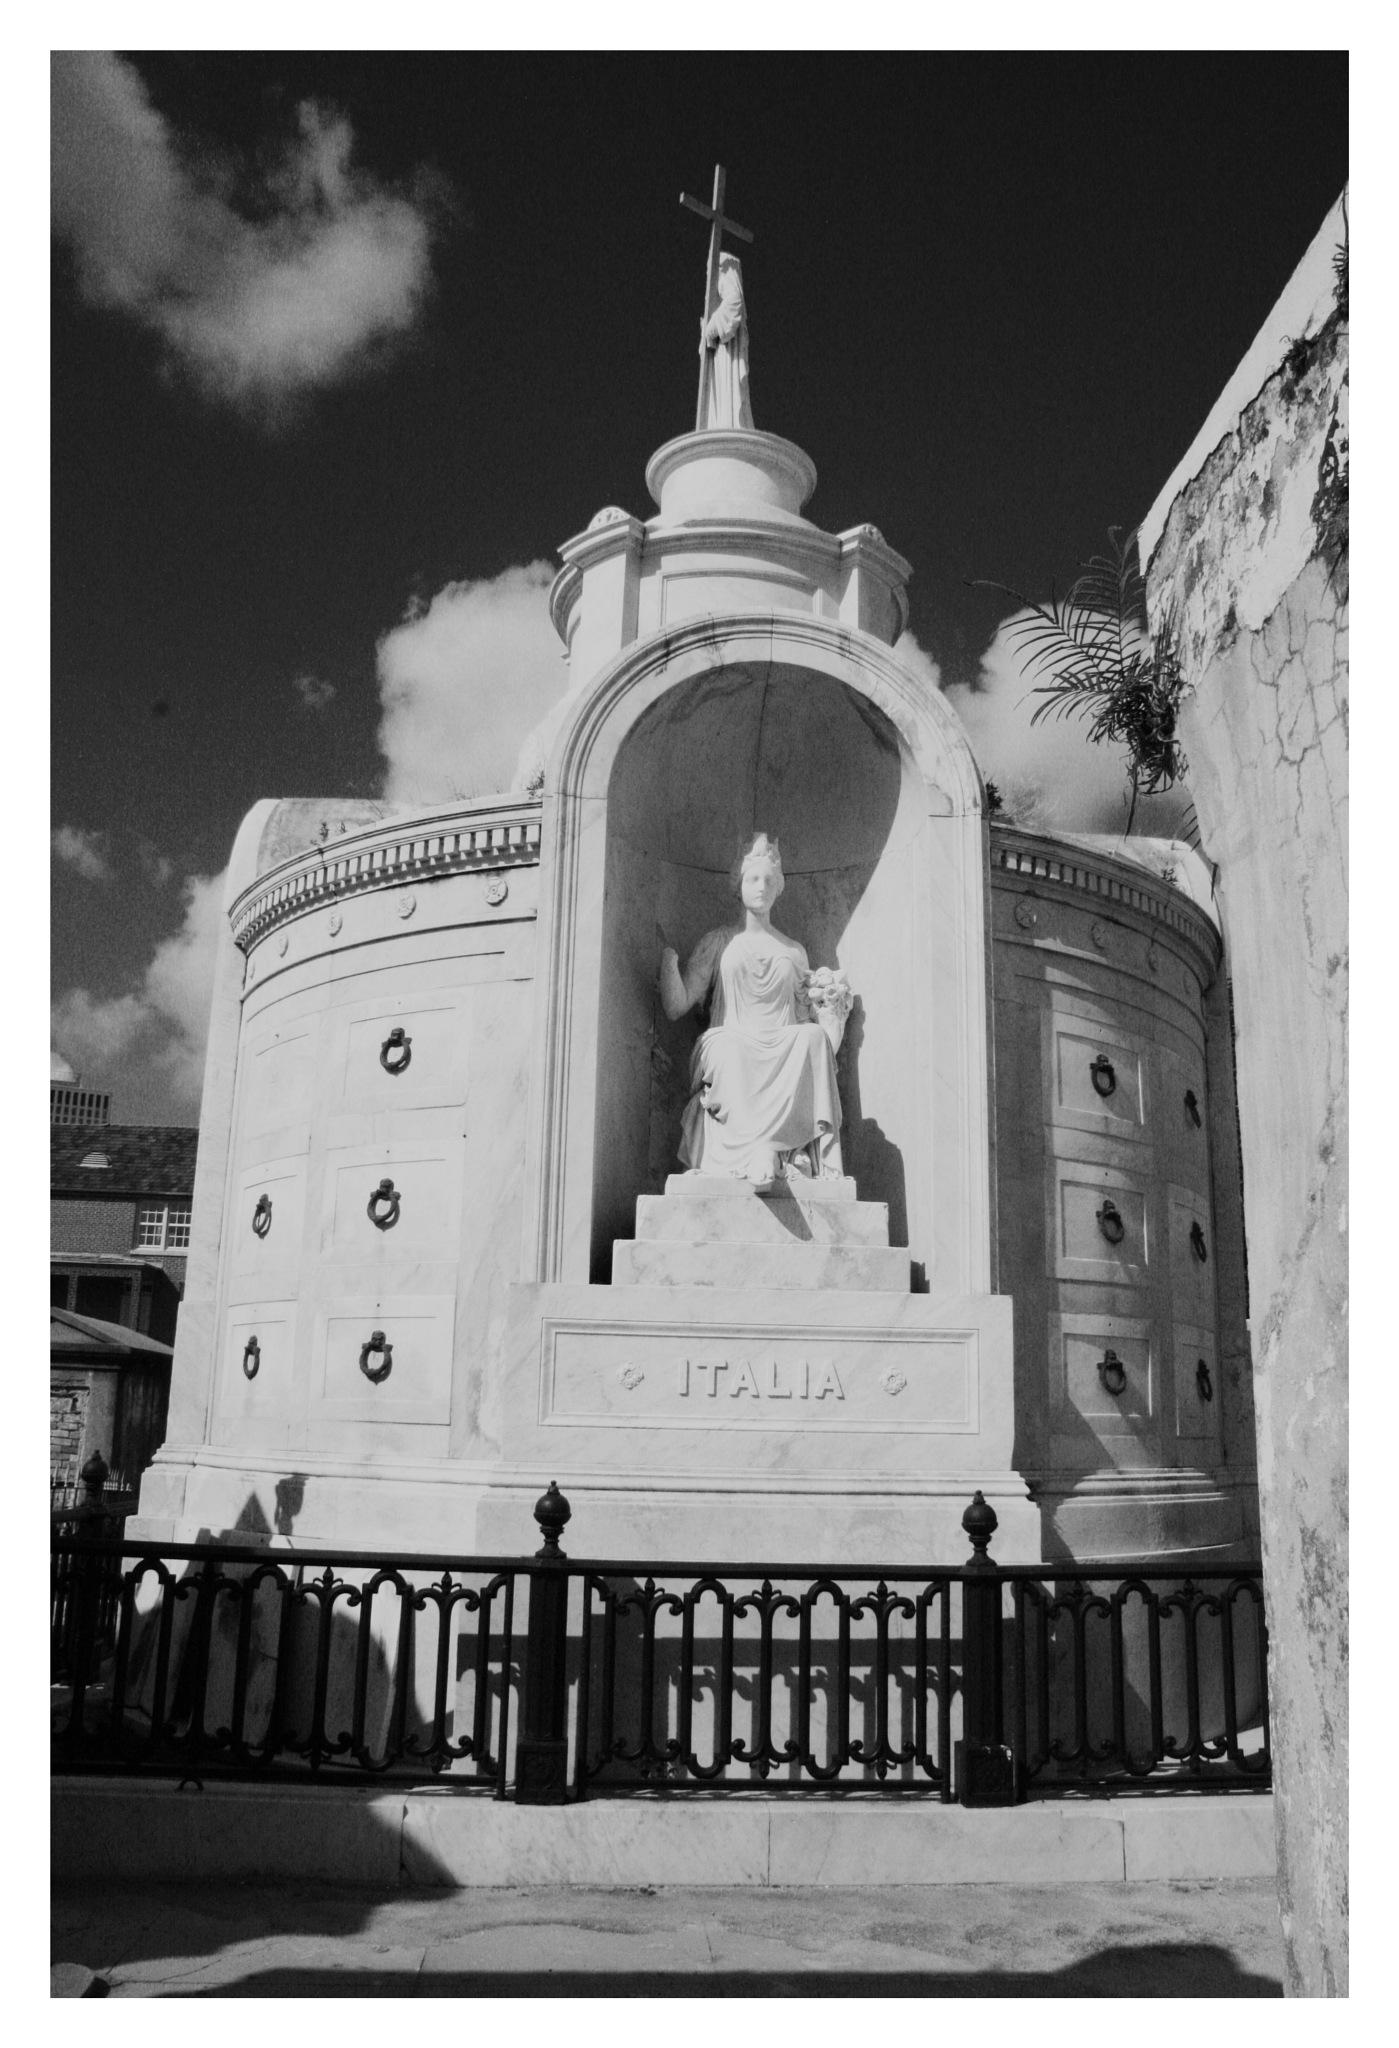 Italia by TyJamison